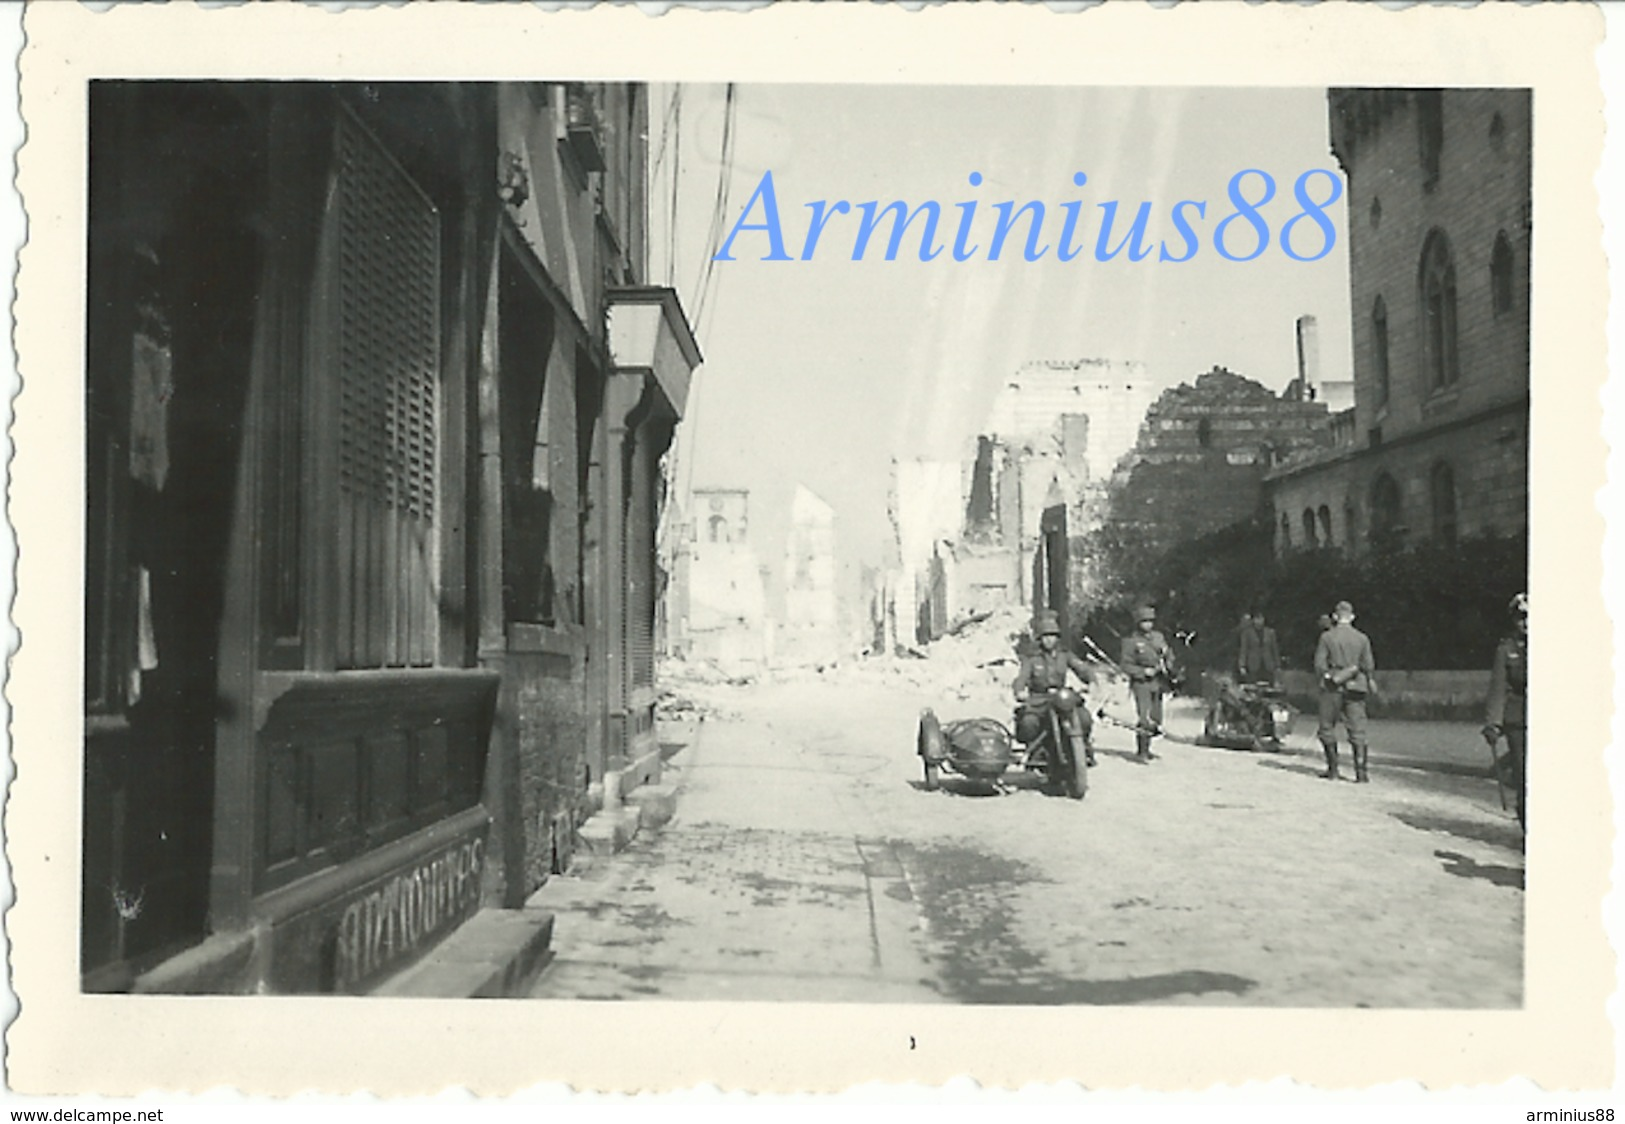 Campagne De France 1940 - Amiens - 9 Rue Henri IV - Beffroi D'Amiens En Ligne De Mire - Westfeldzug - Wehrmacht - Guerra, Militari